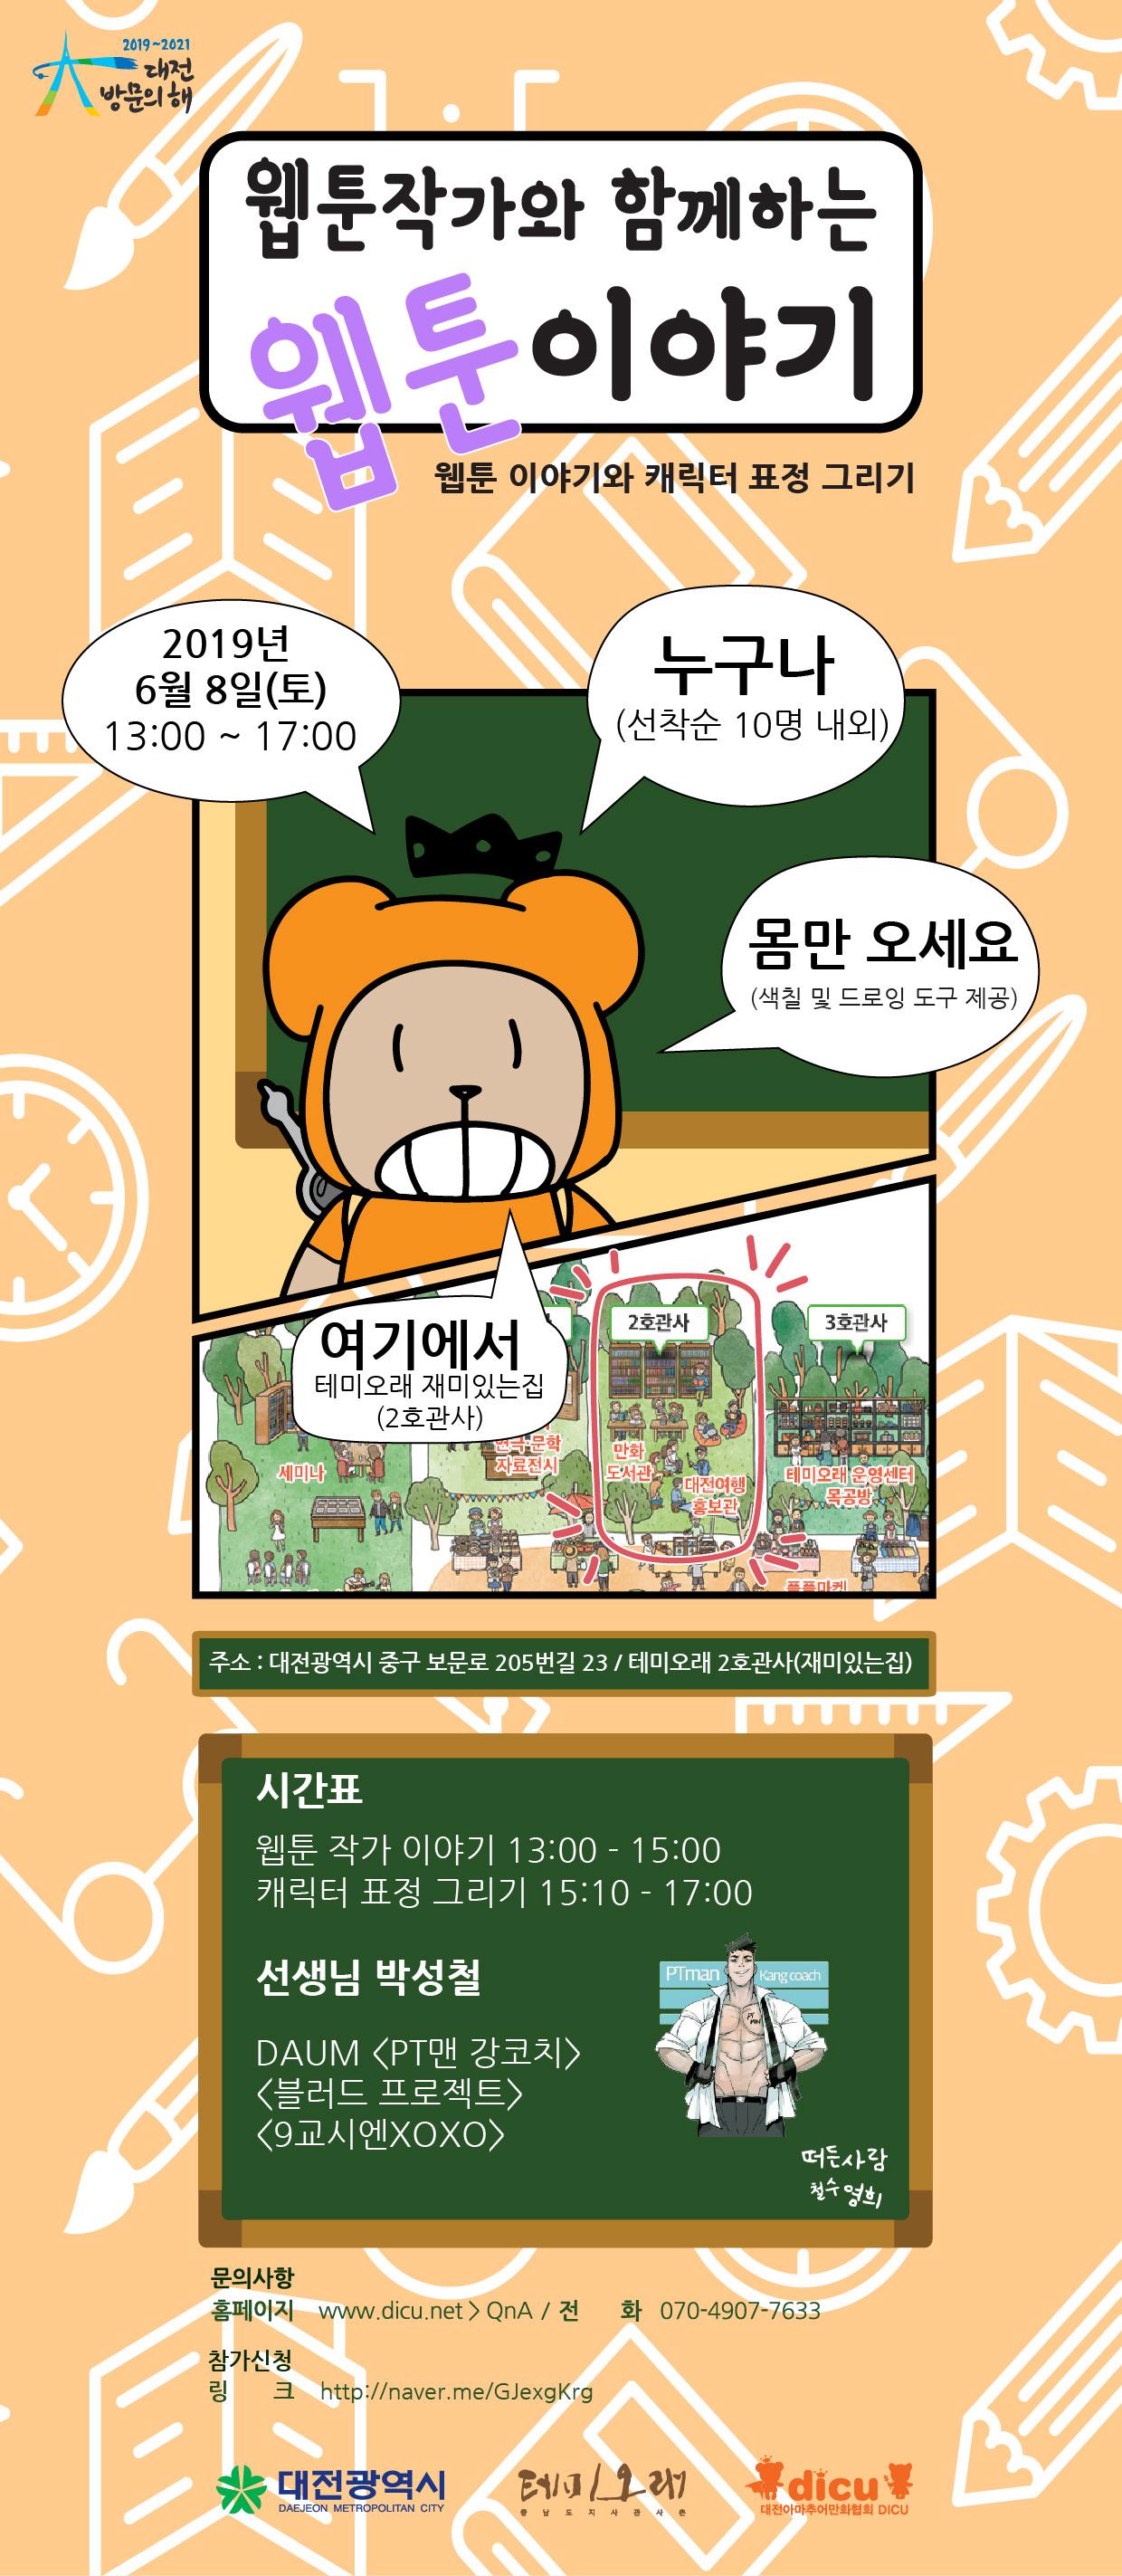 디쿠 웹툰작가와 함께하는 웹툰이야기 (2).jpg